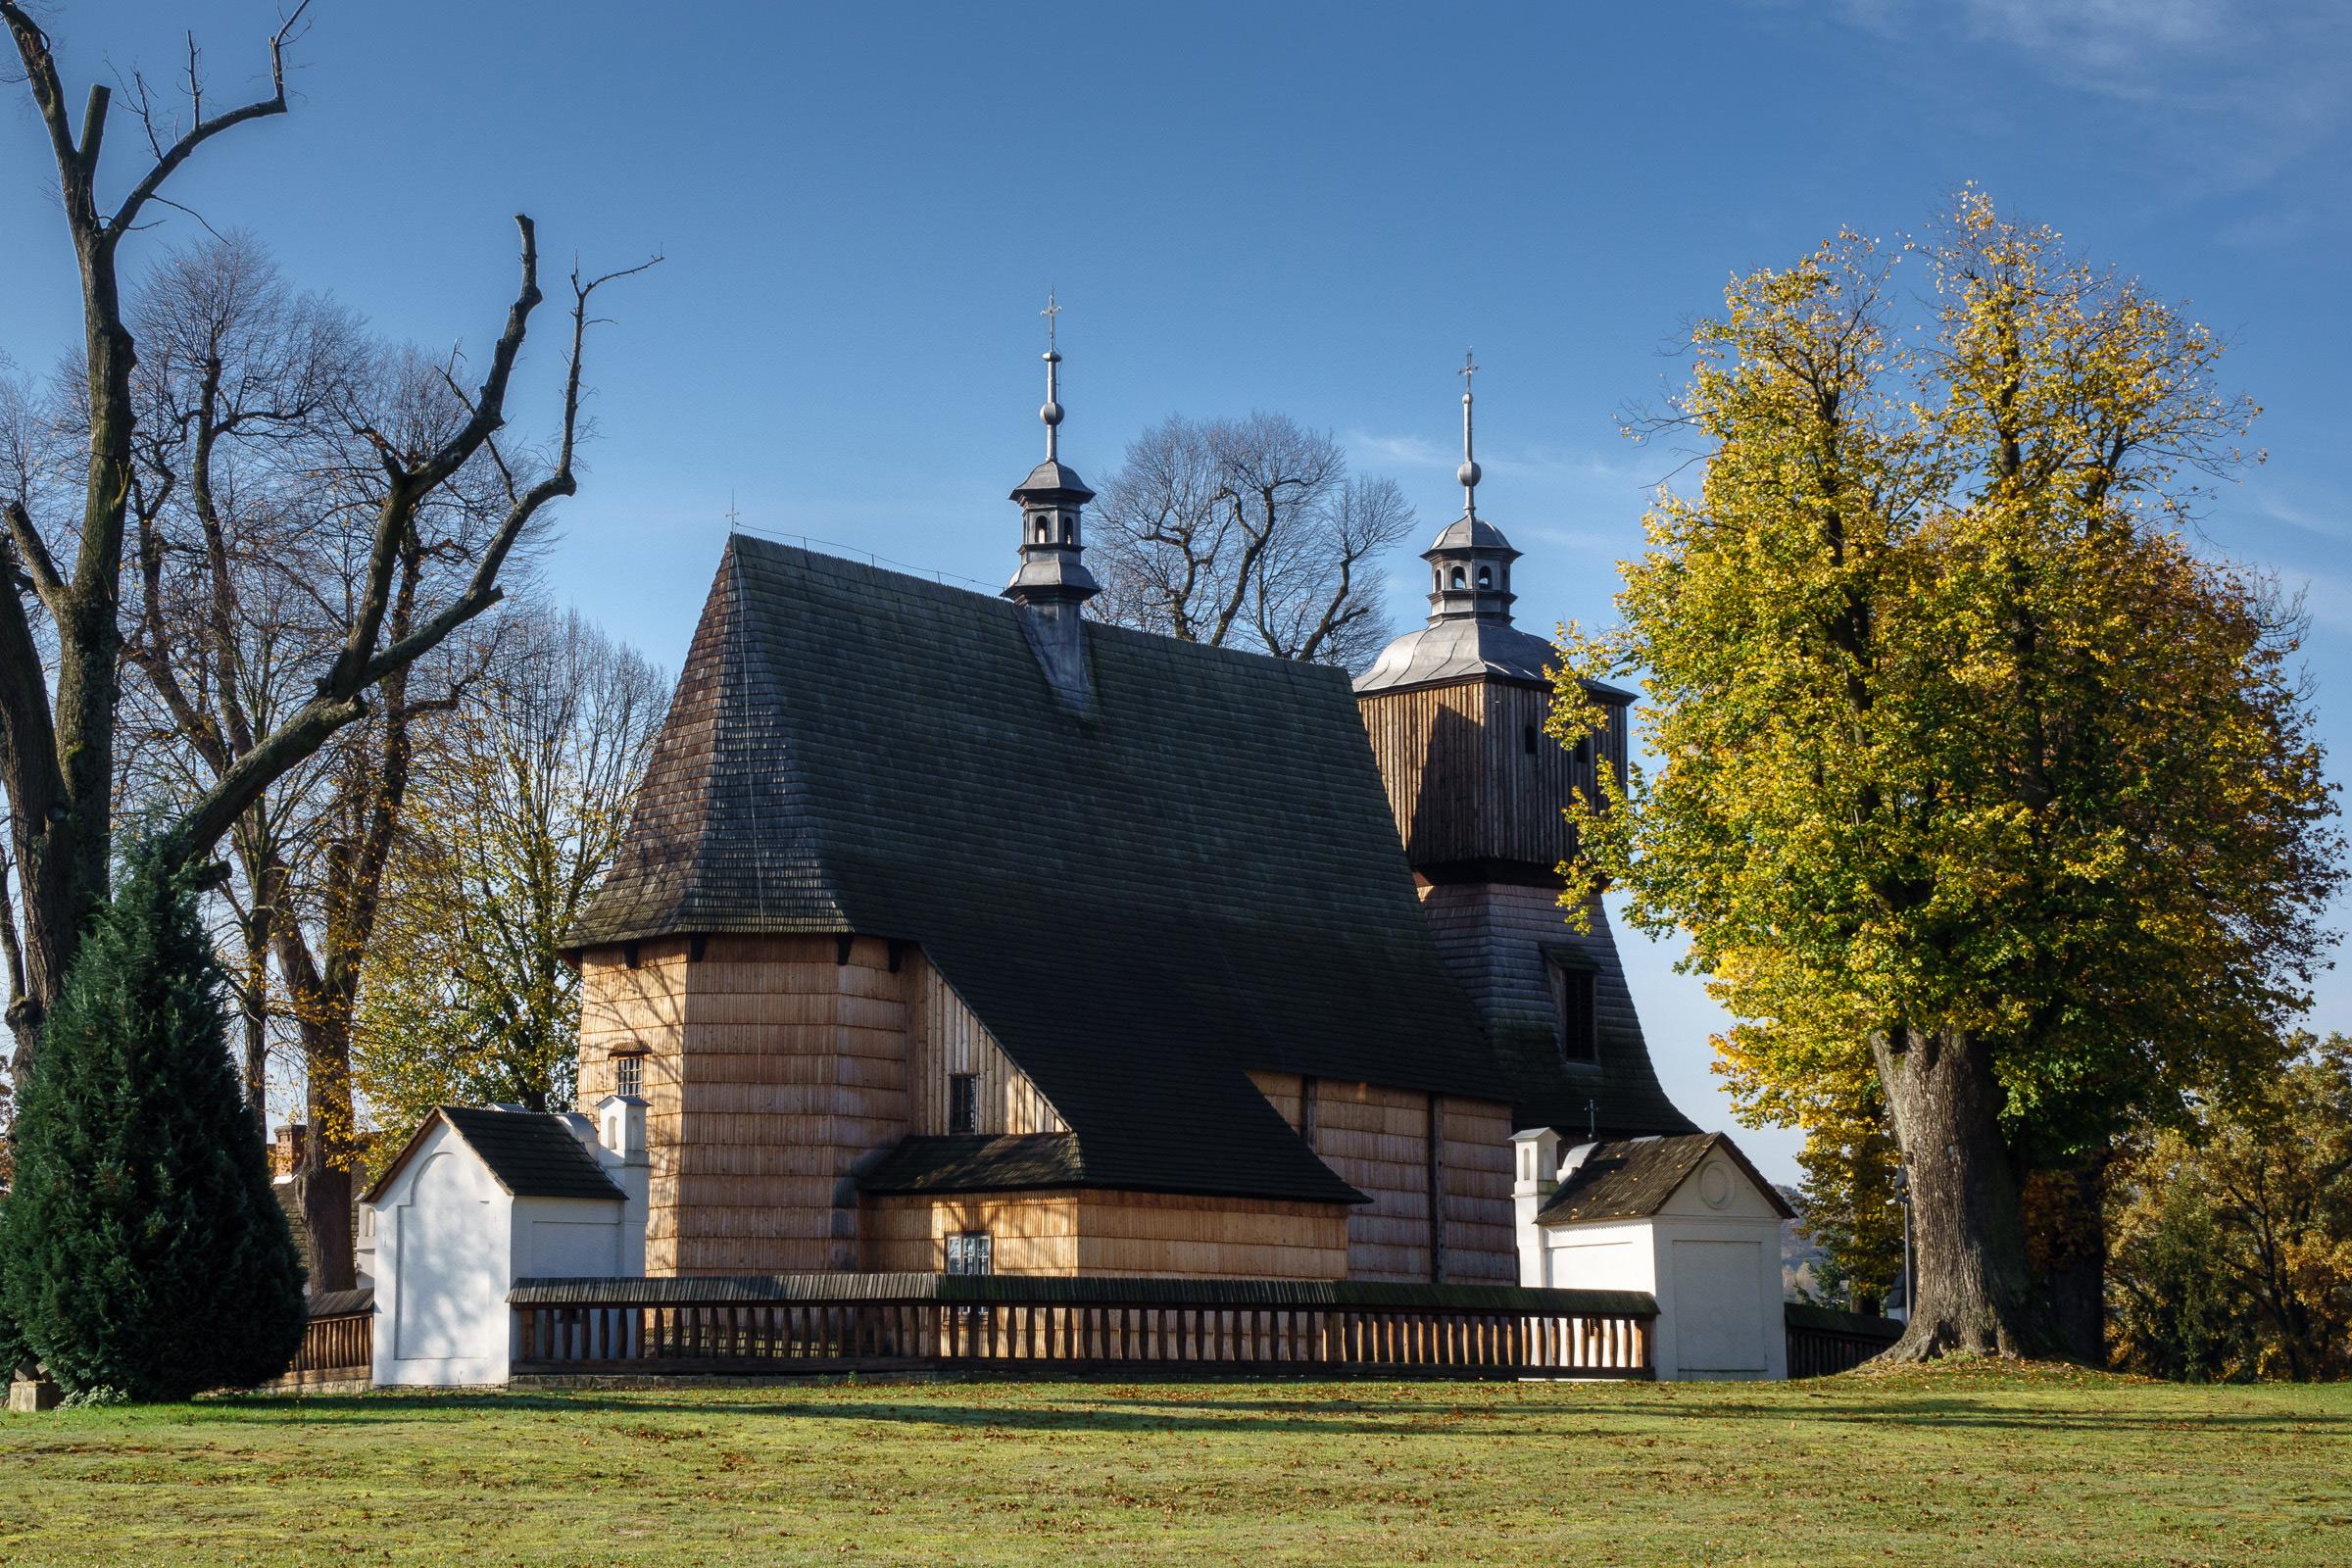 Gotycki kościół drewniany pw. Wszystkich Świętych w Bliznem. fot. Krzysztof Zajączkowski